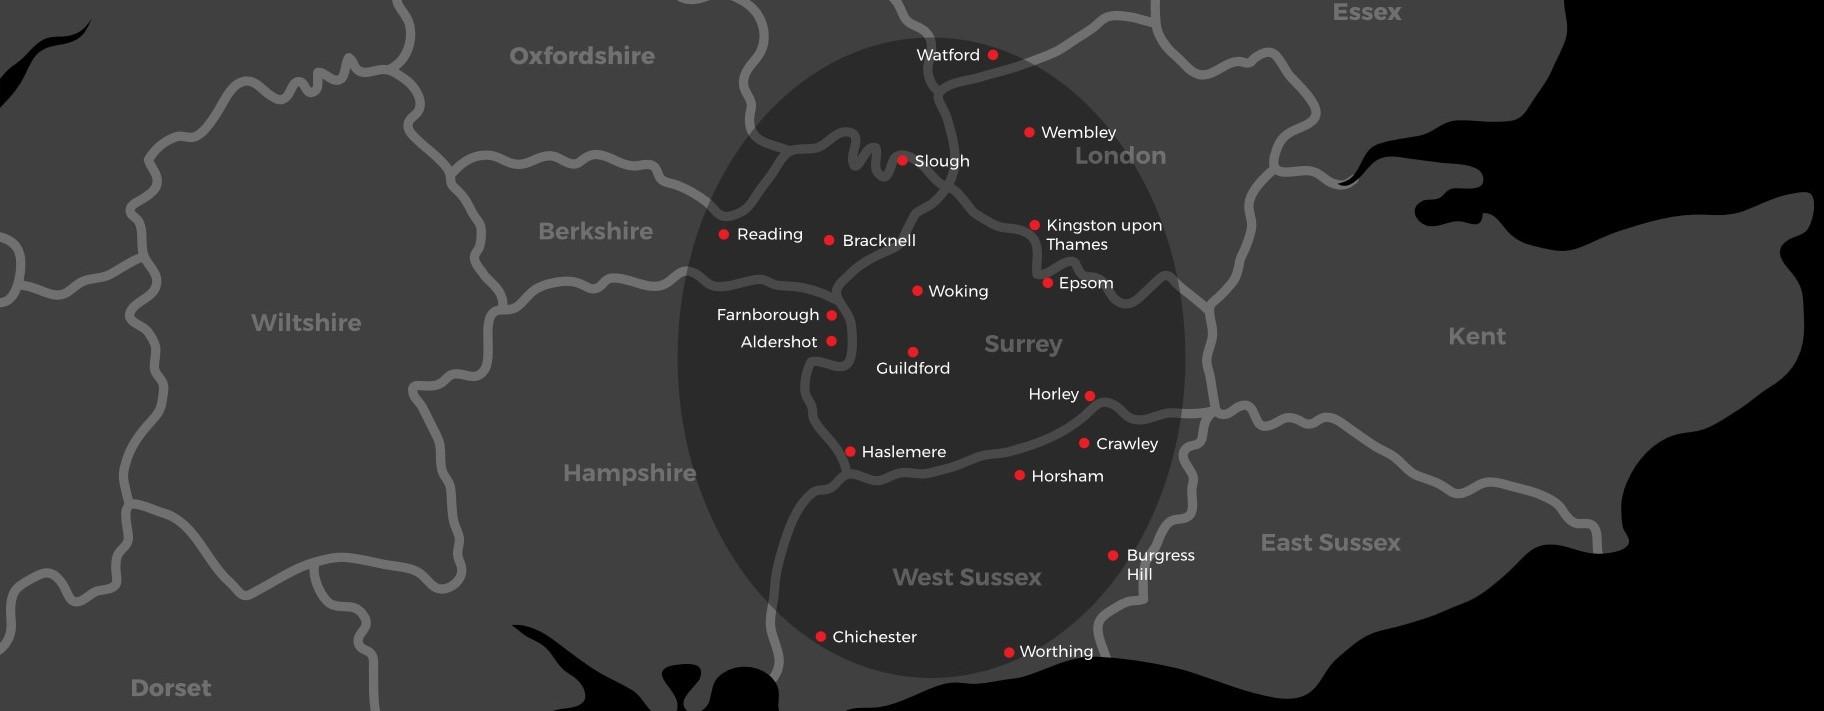 singh-concrete-map1